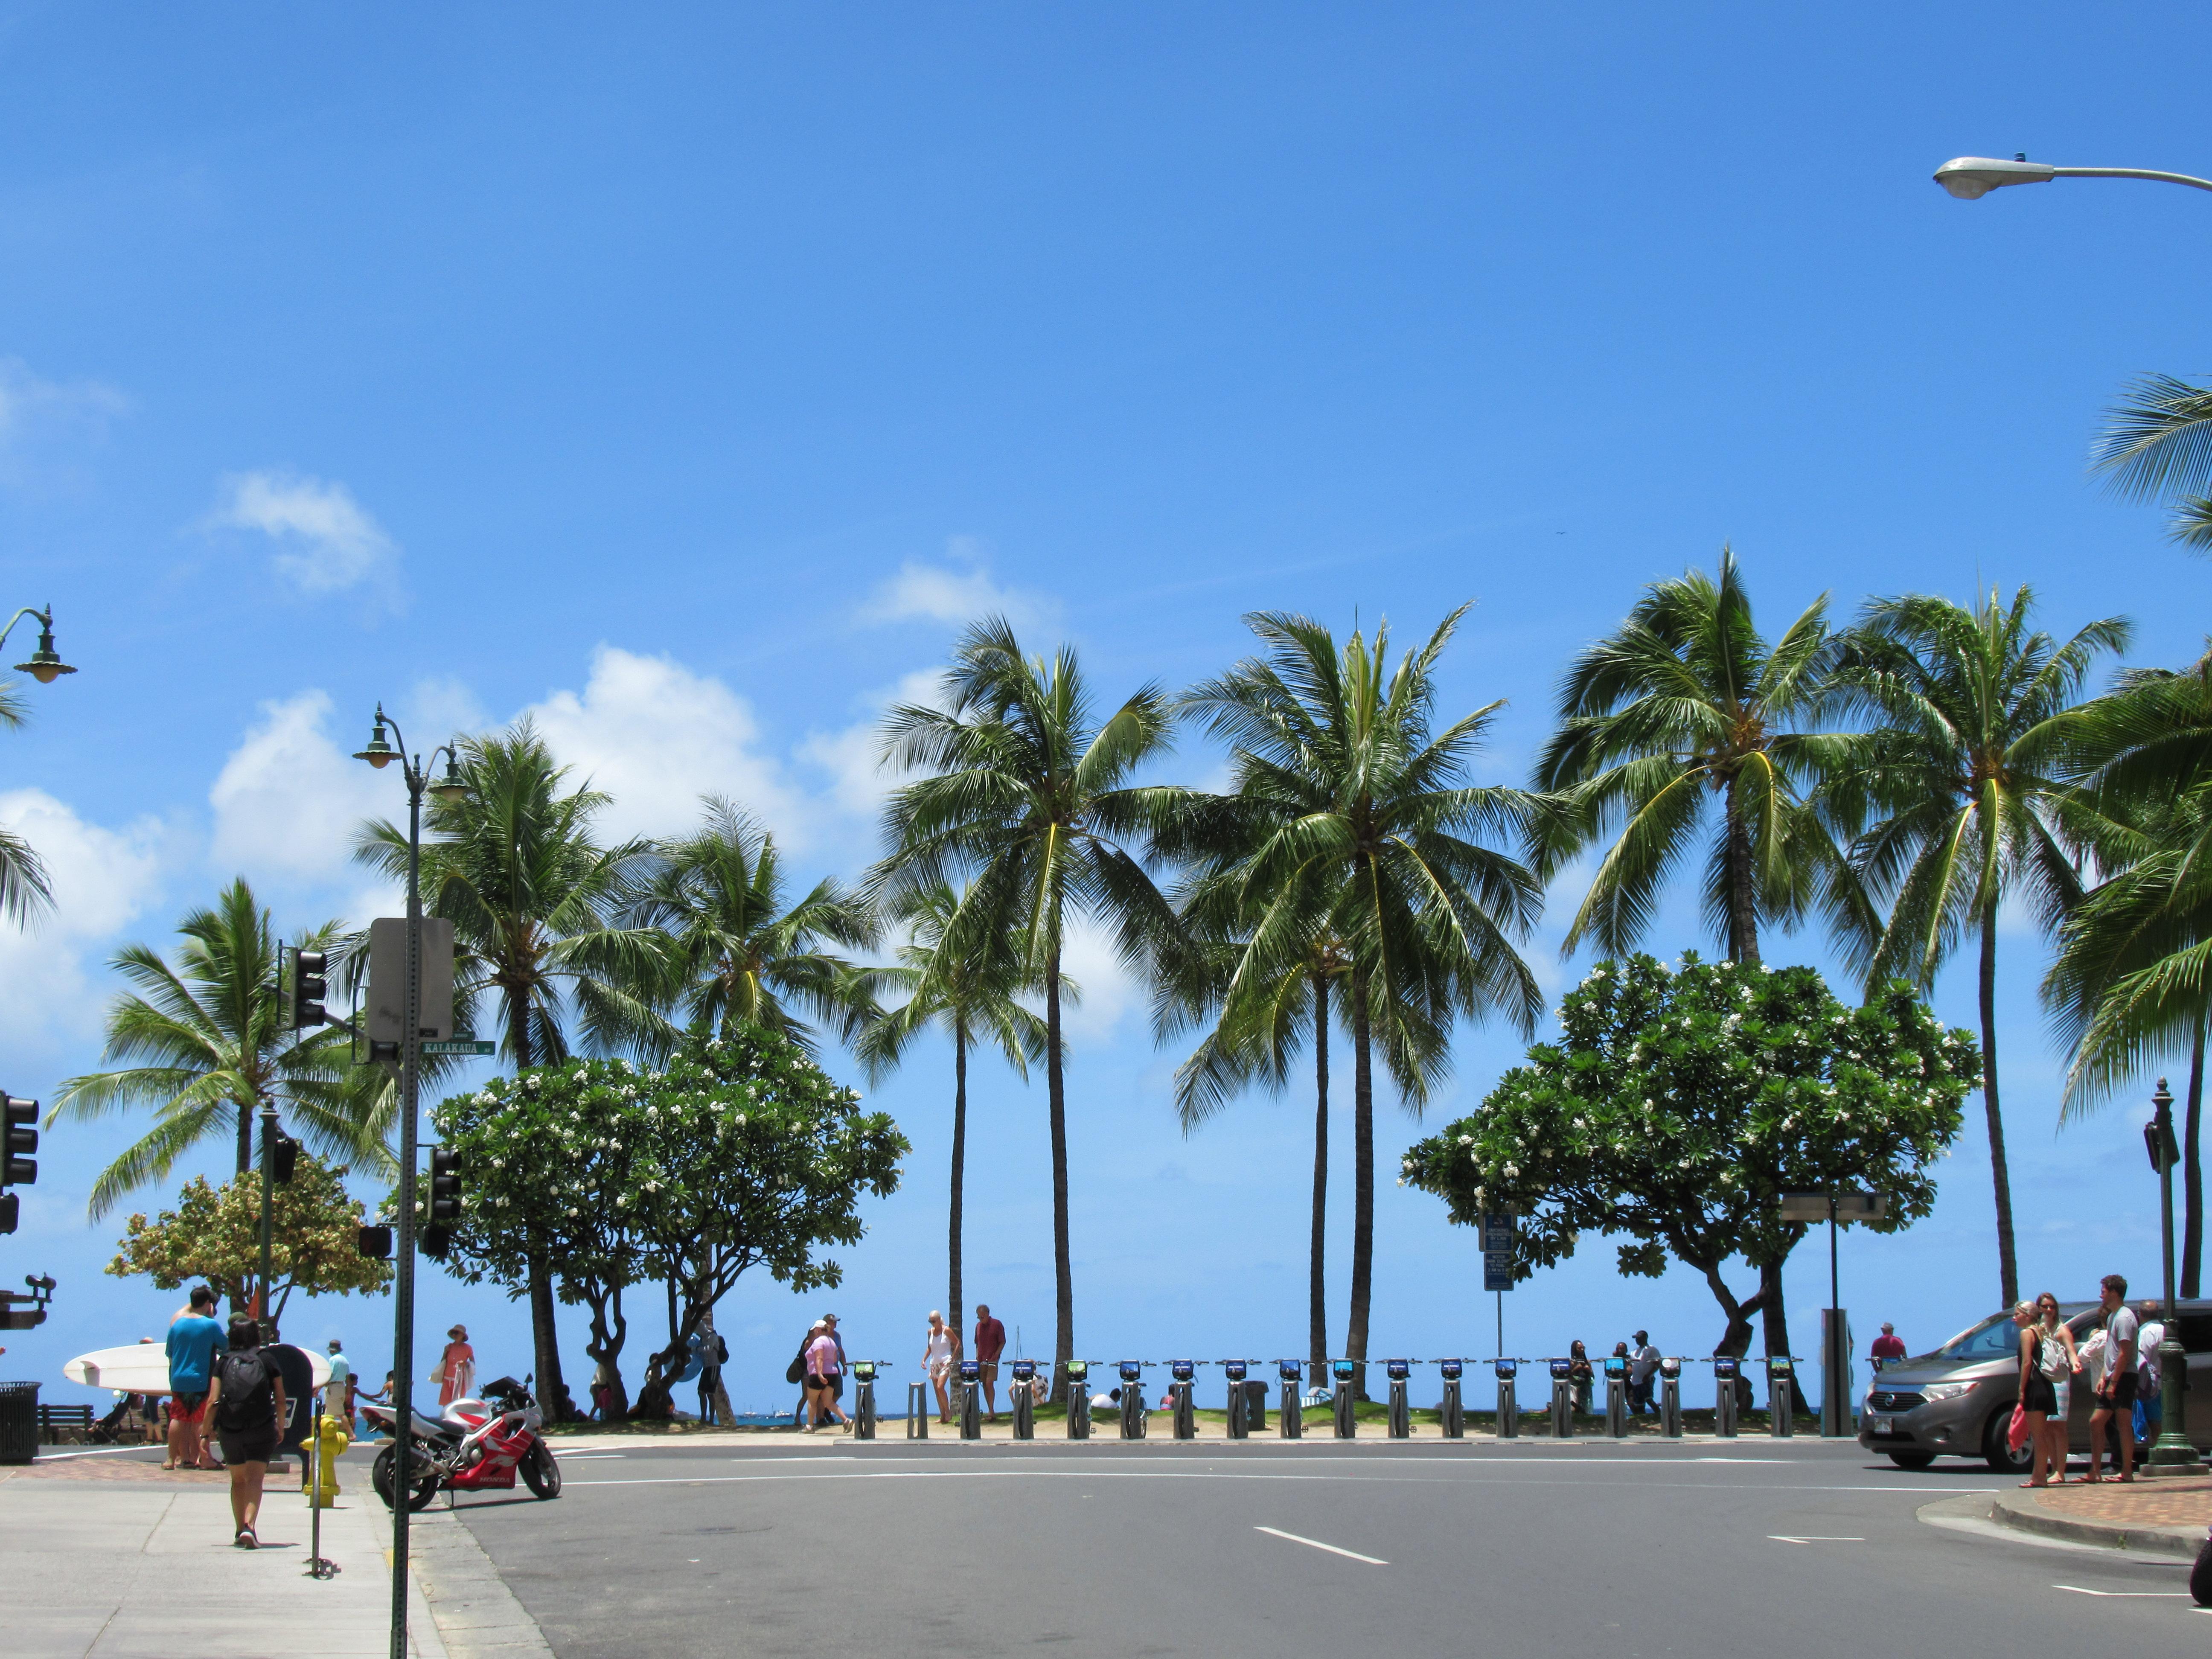 ハワイ個人旅行の手配は何が必要?注意点は?出発前の準備は意外と簡単|ハワイ旅ブログ